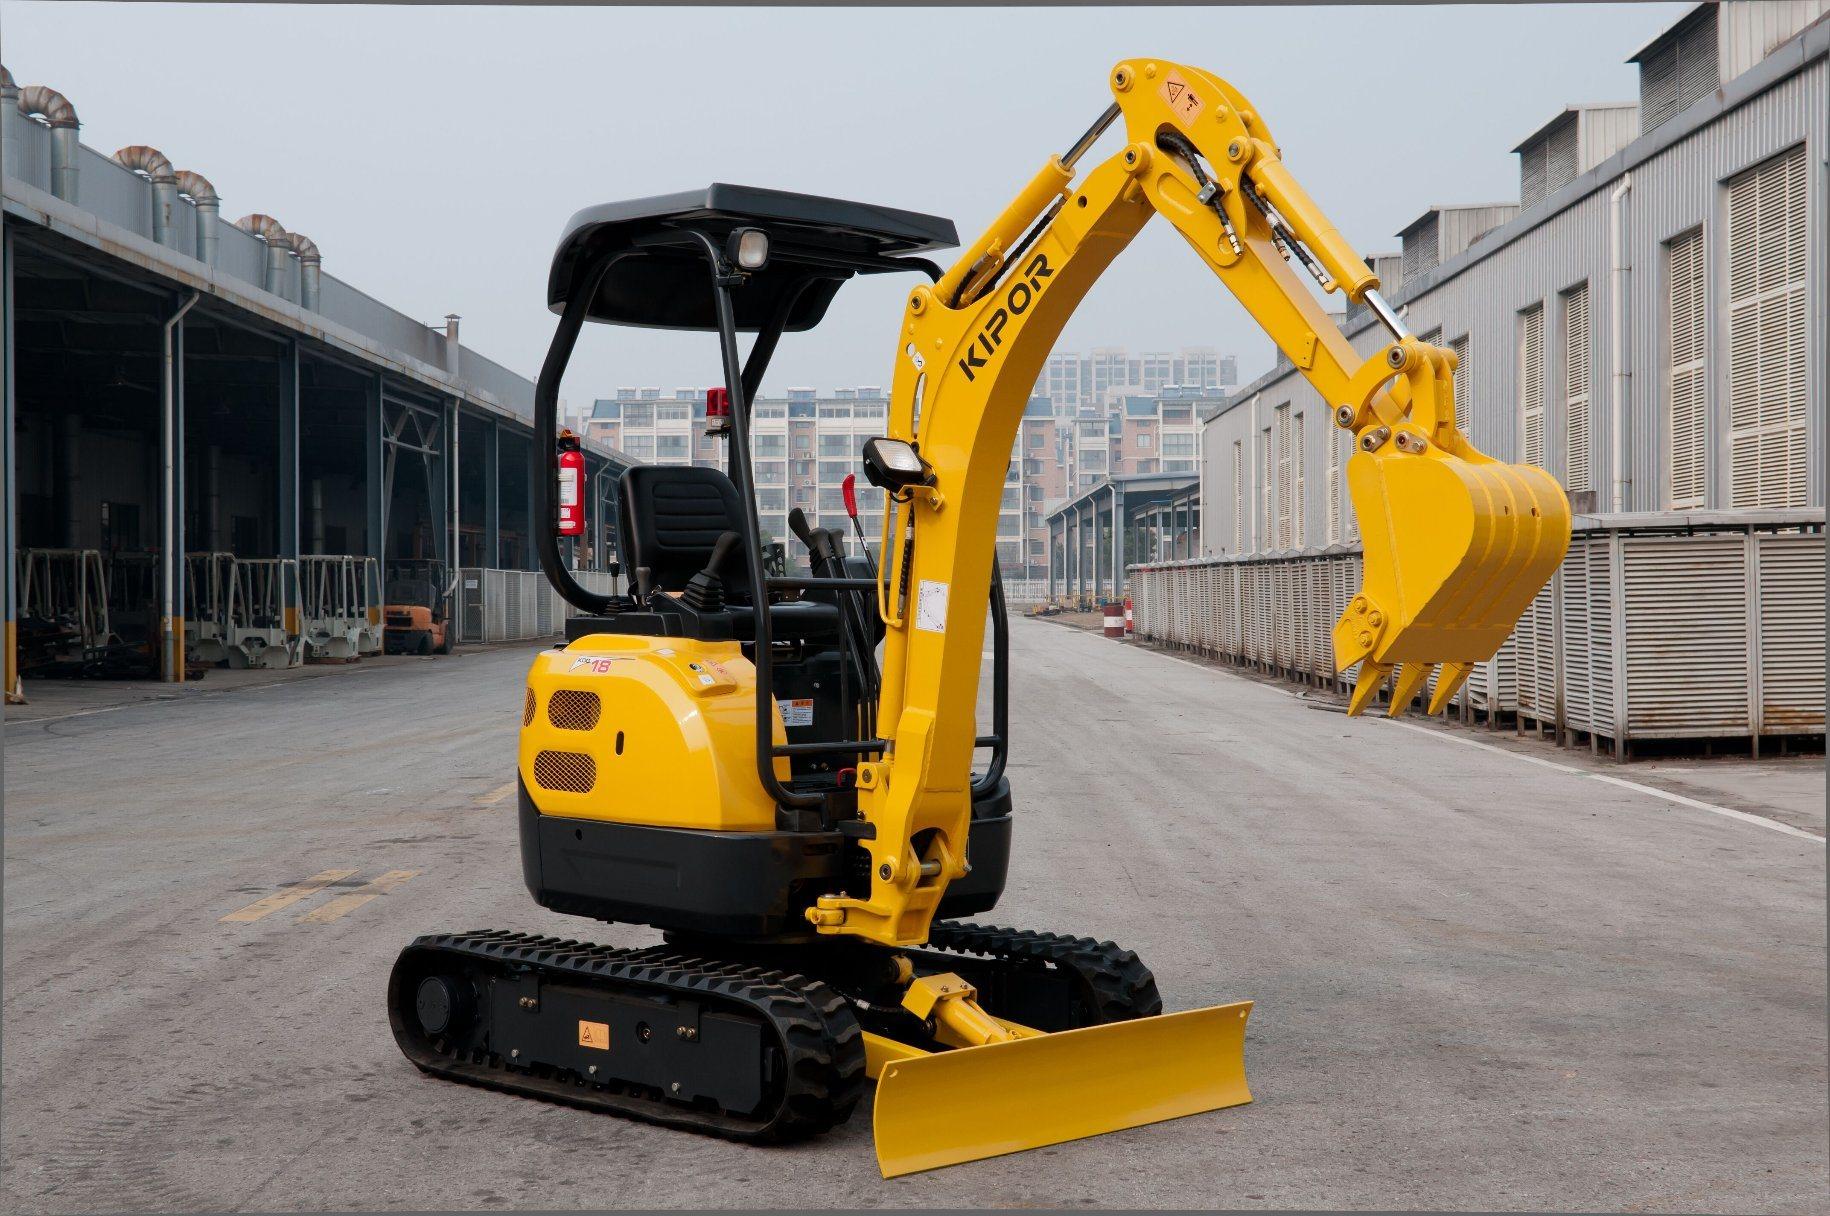 Kipor Diesel Excavator for Construction (KDG15)